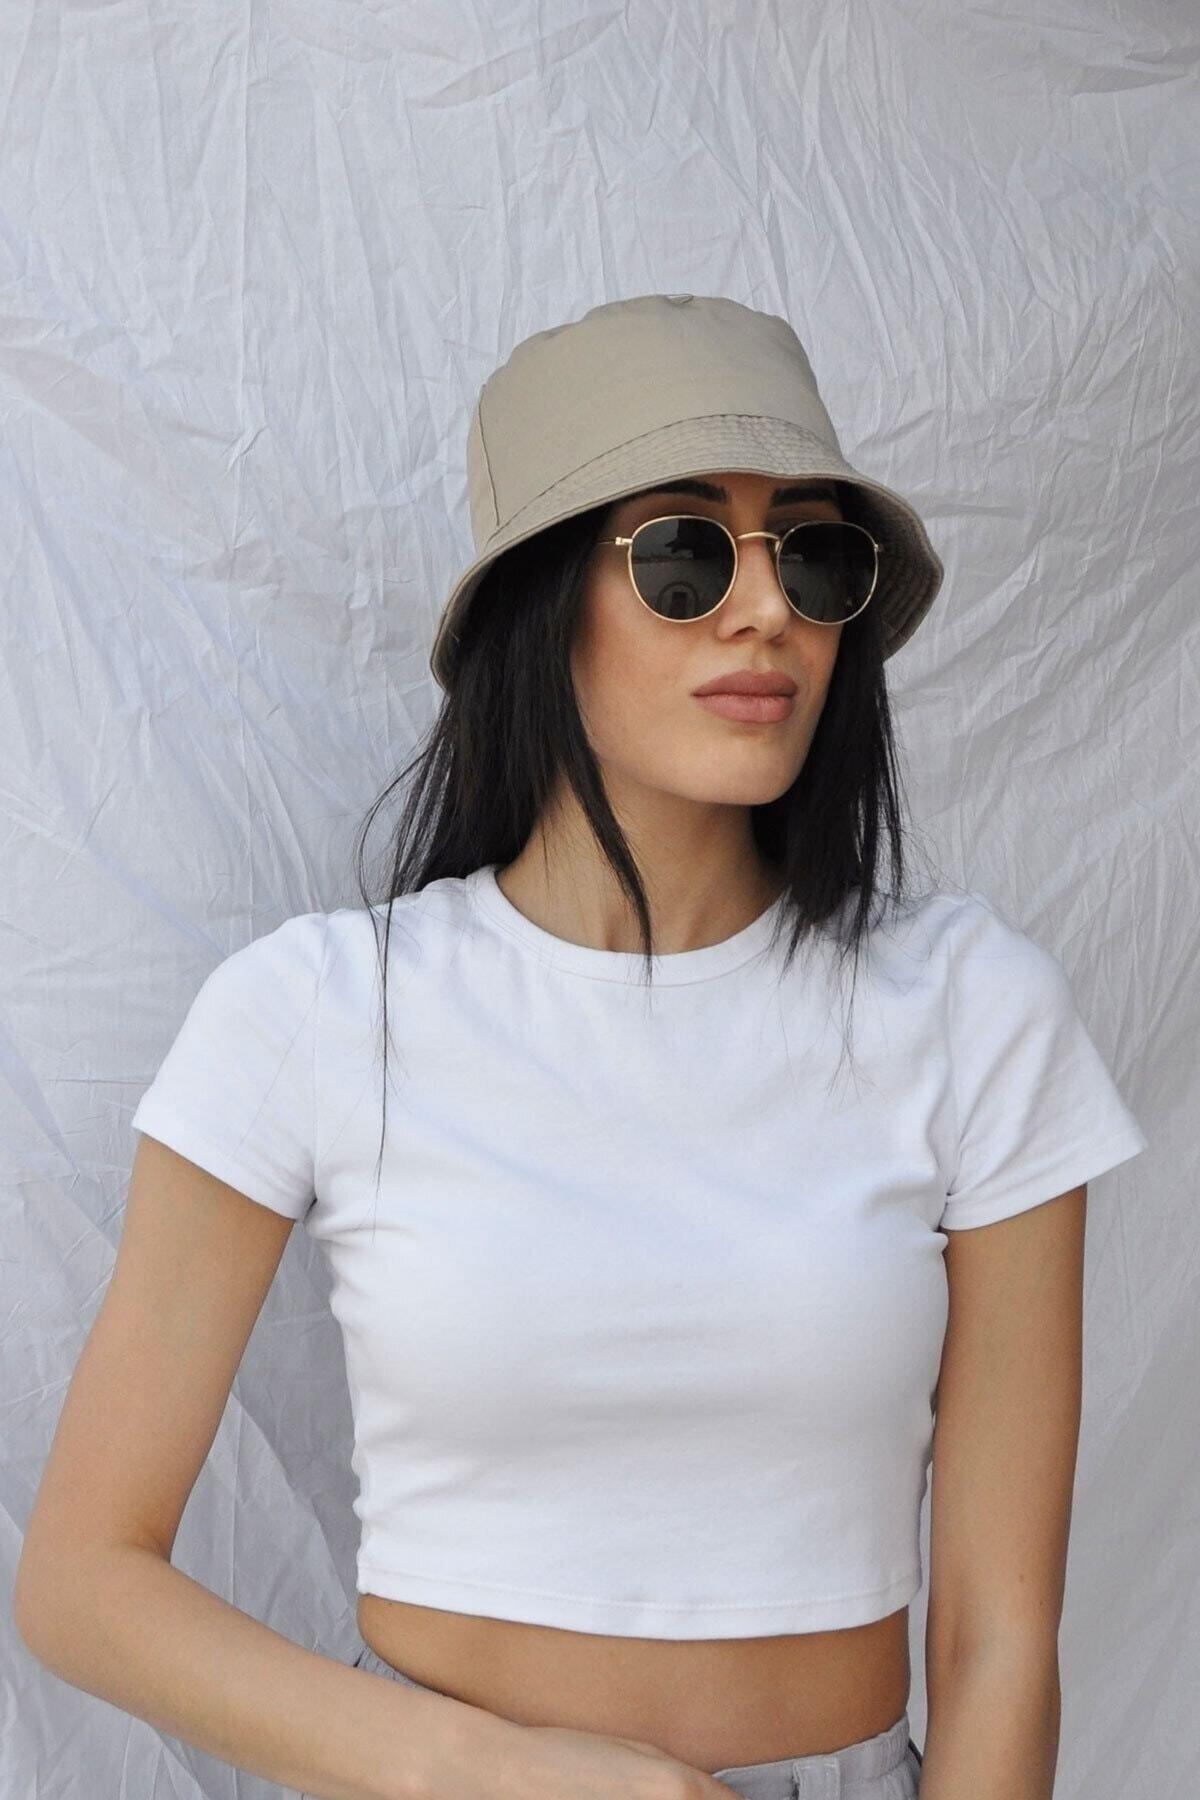 Koyu Bej Kova Şapka Balıkçı Şapka Bucket Hat